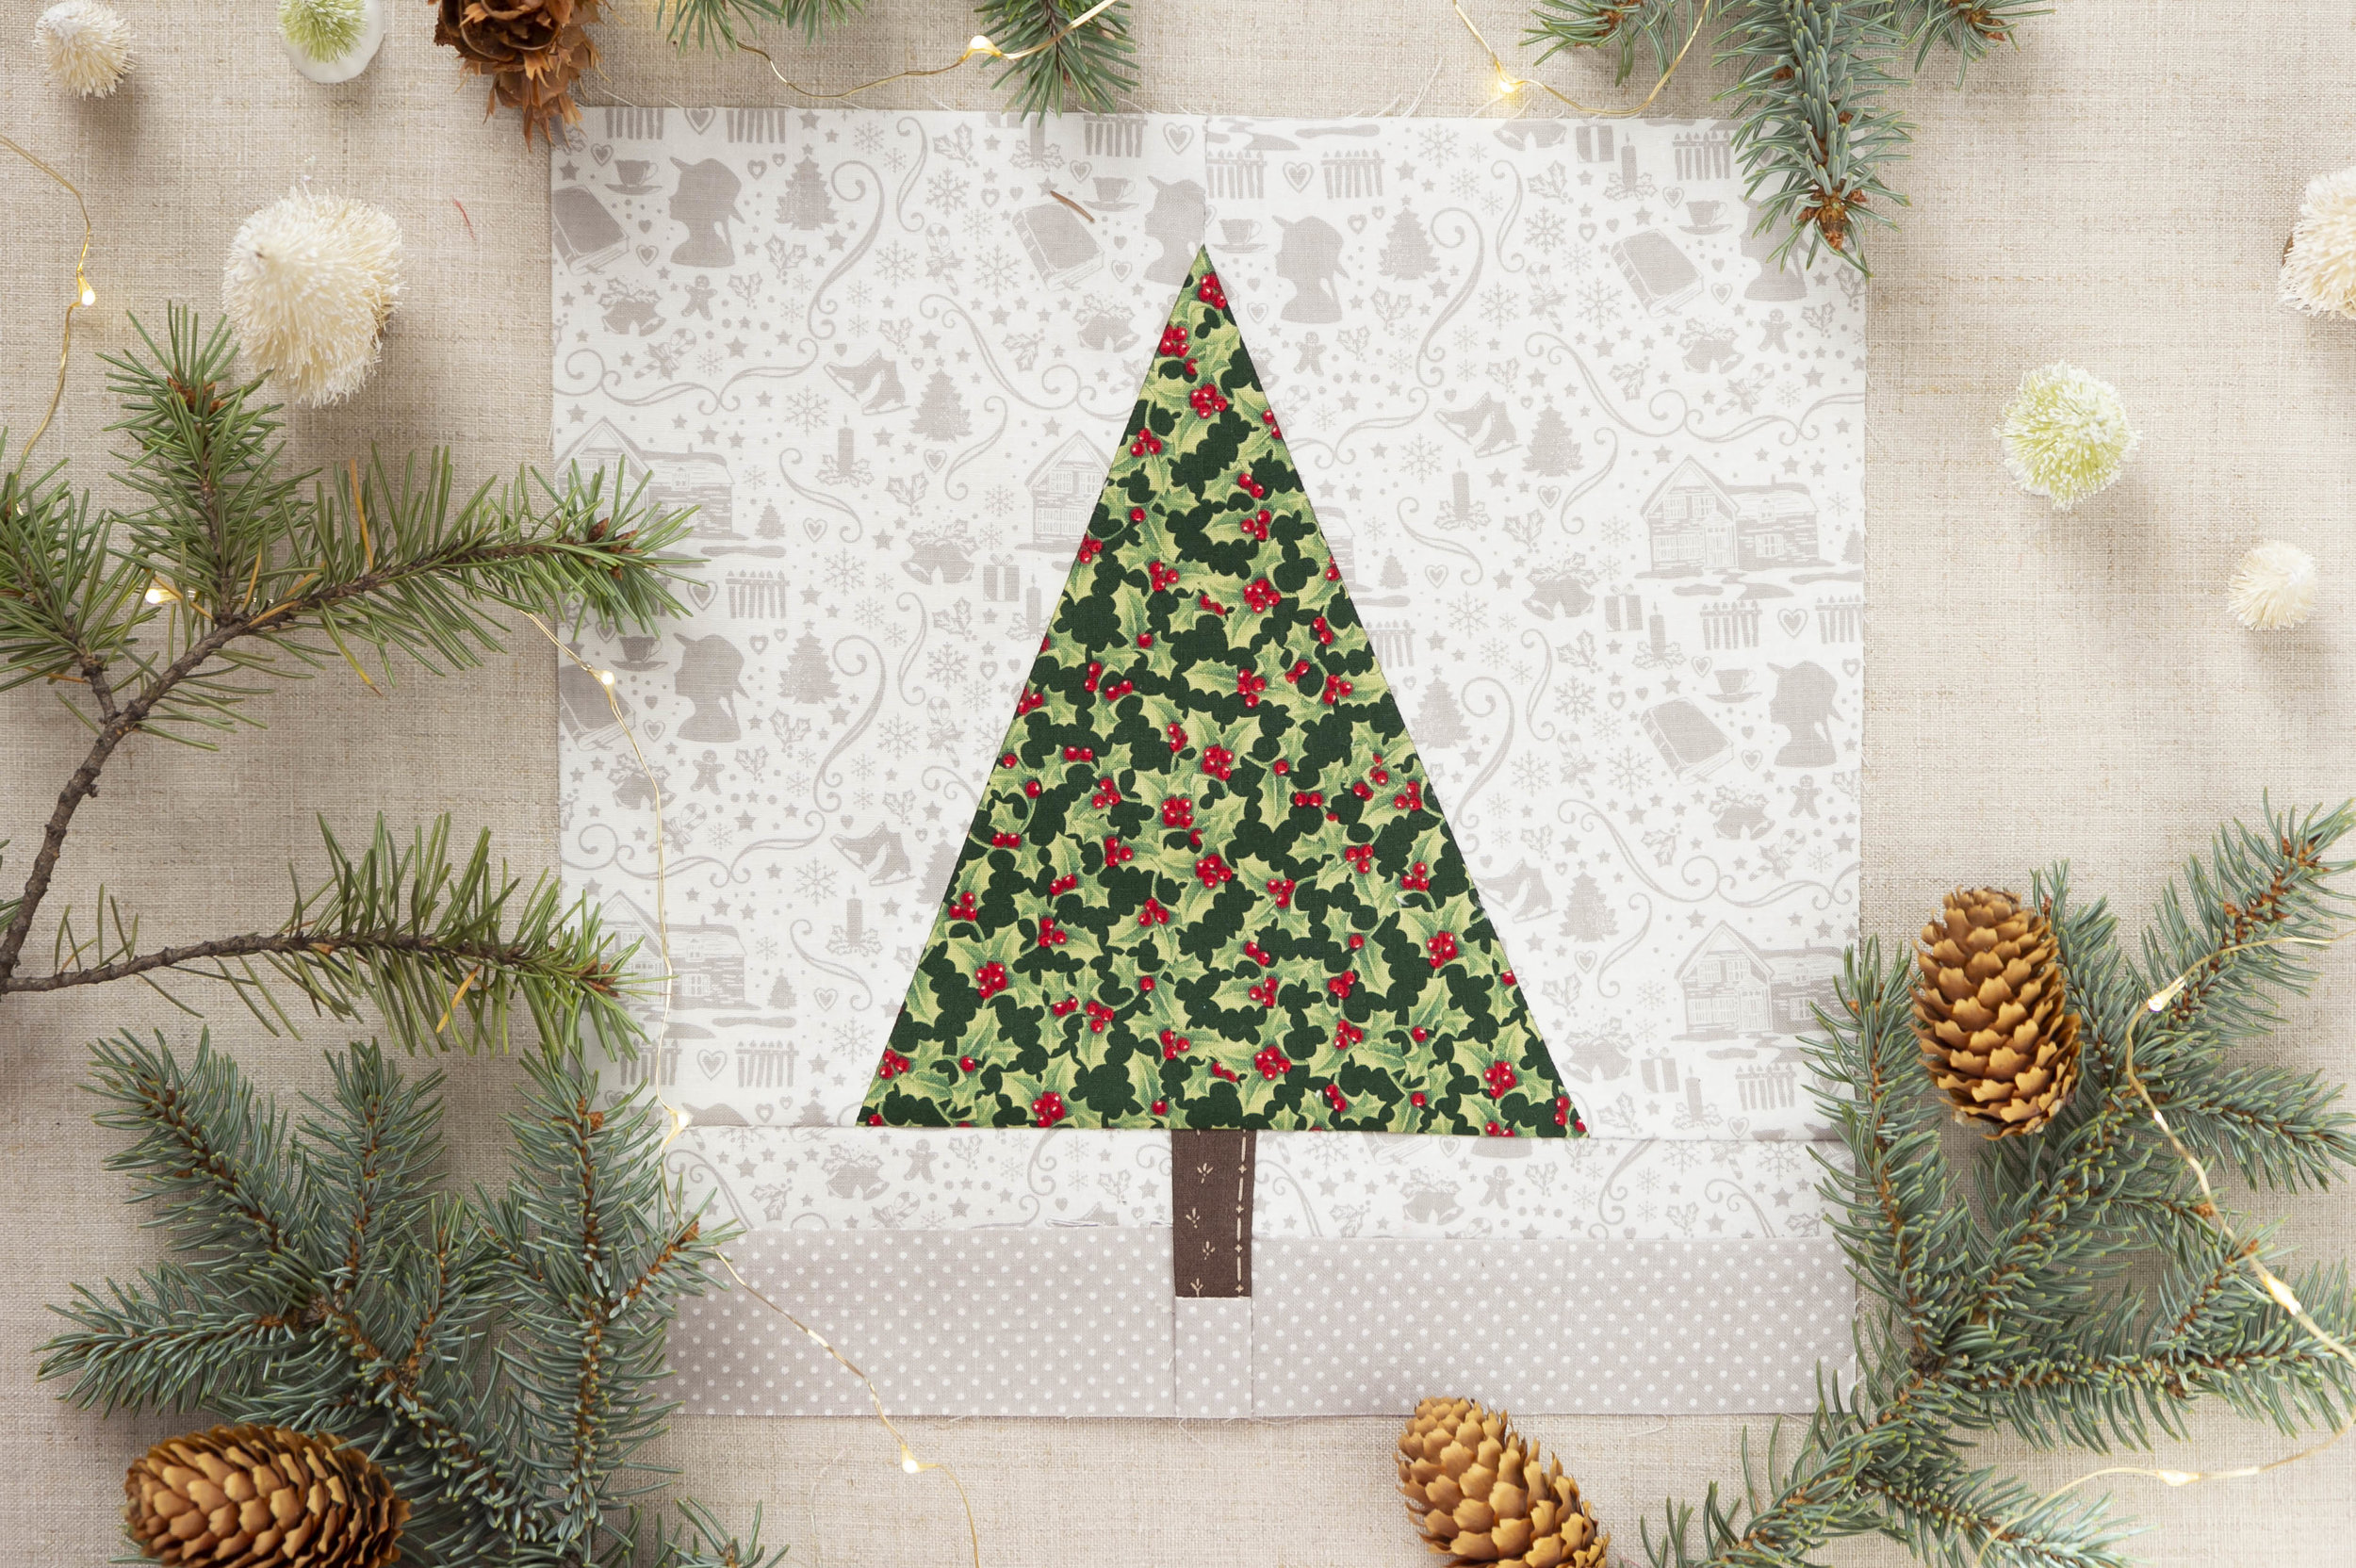 Christmas_Anne_of_Green_Gables_quilt_2018112911.jpg